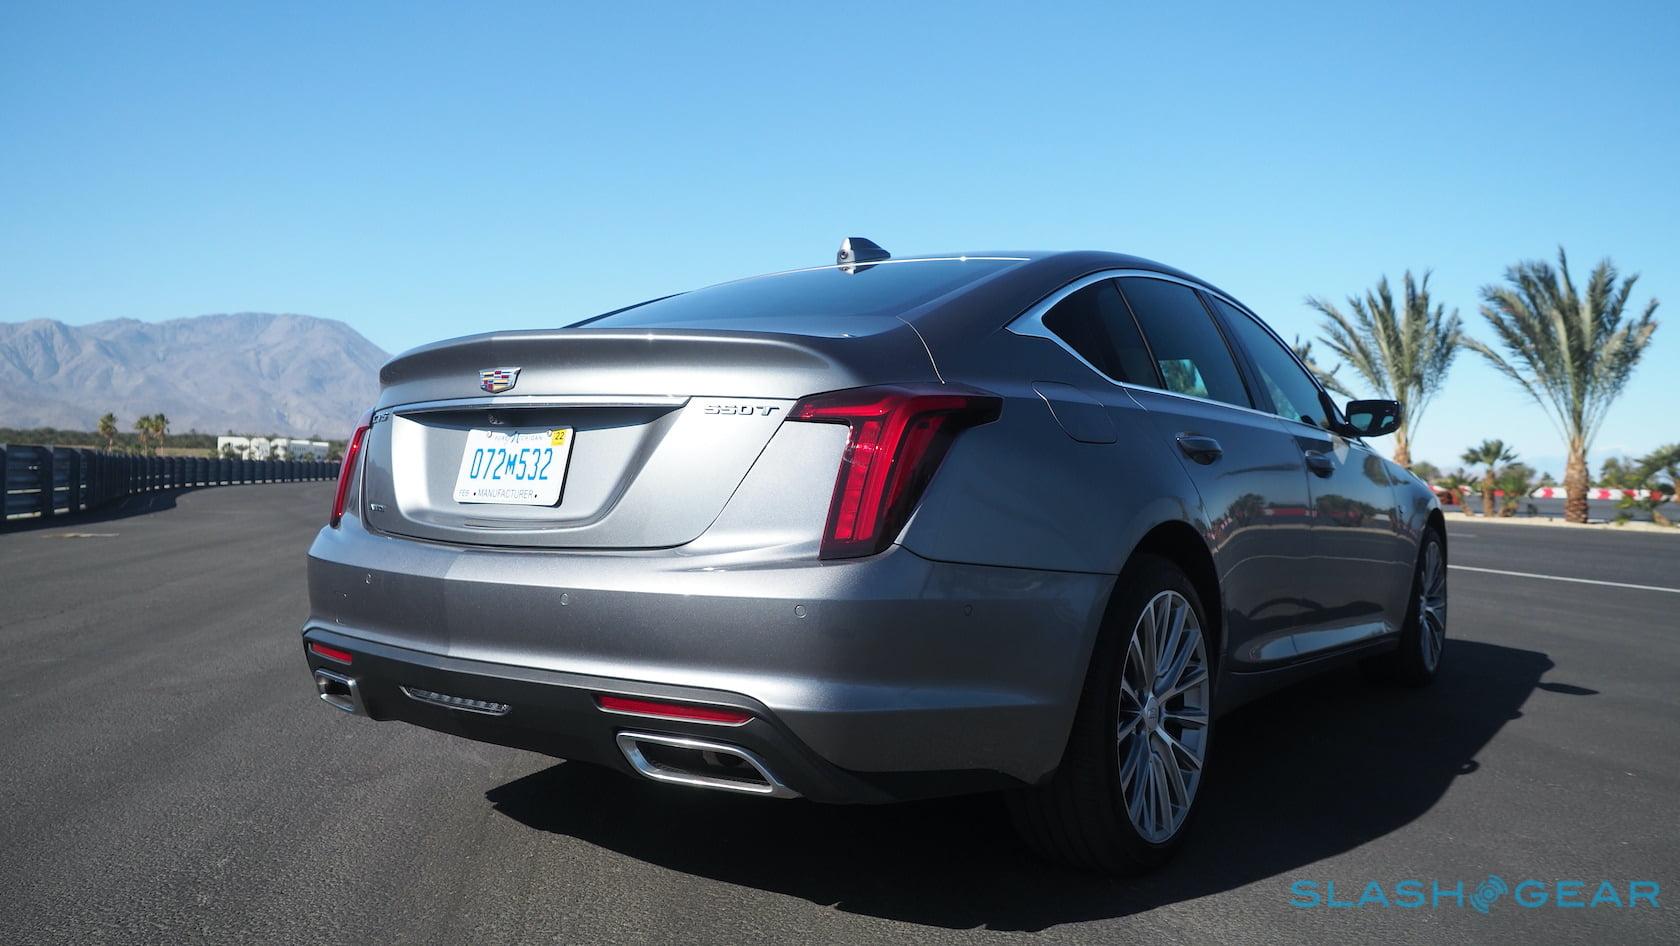 2020 Cadillac Ct5 And Ct5